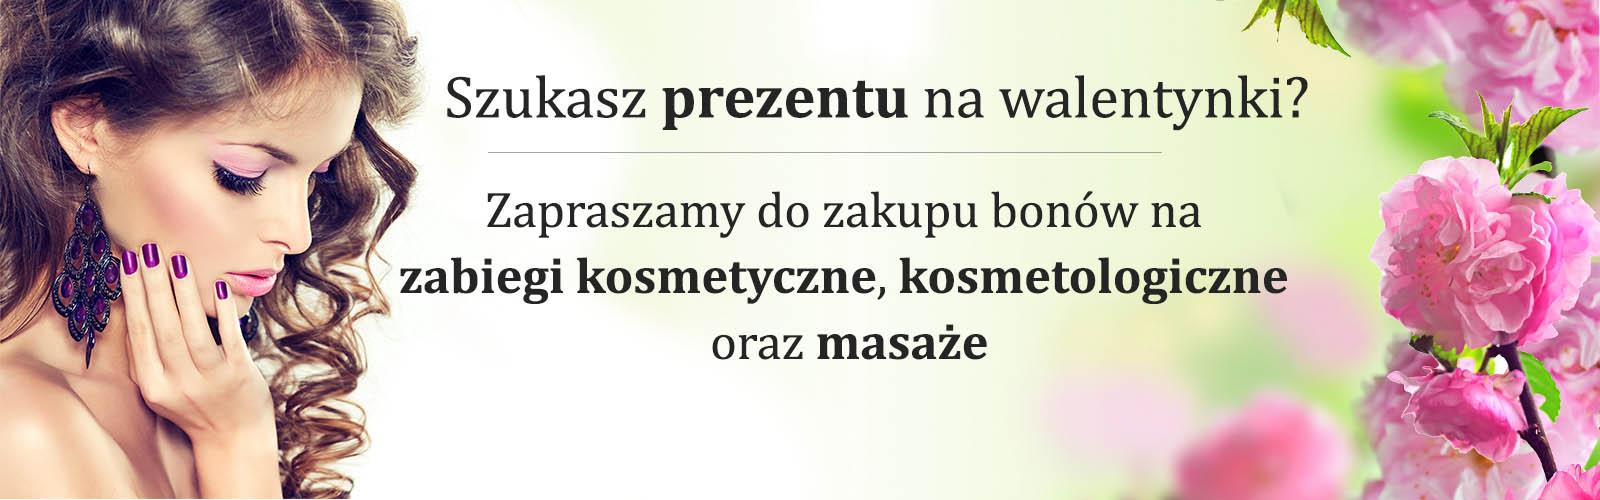 walentynki-2019